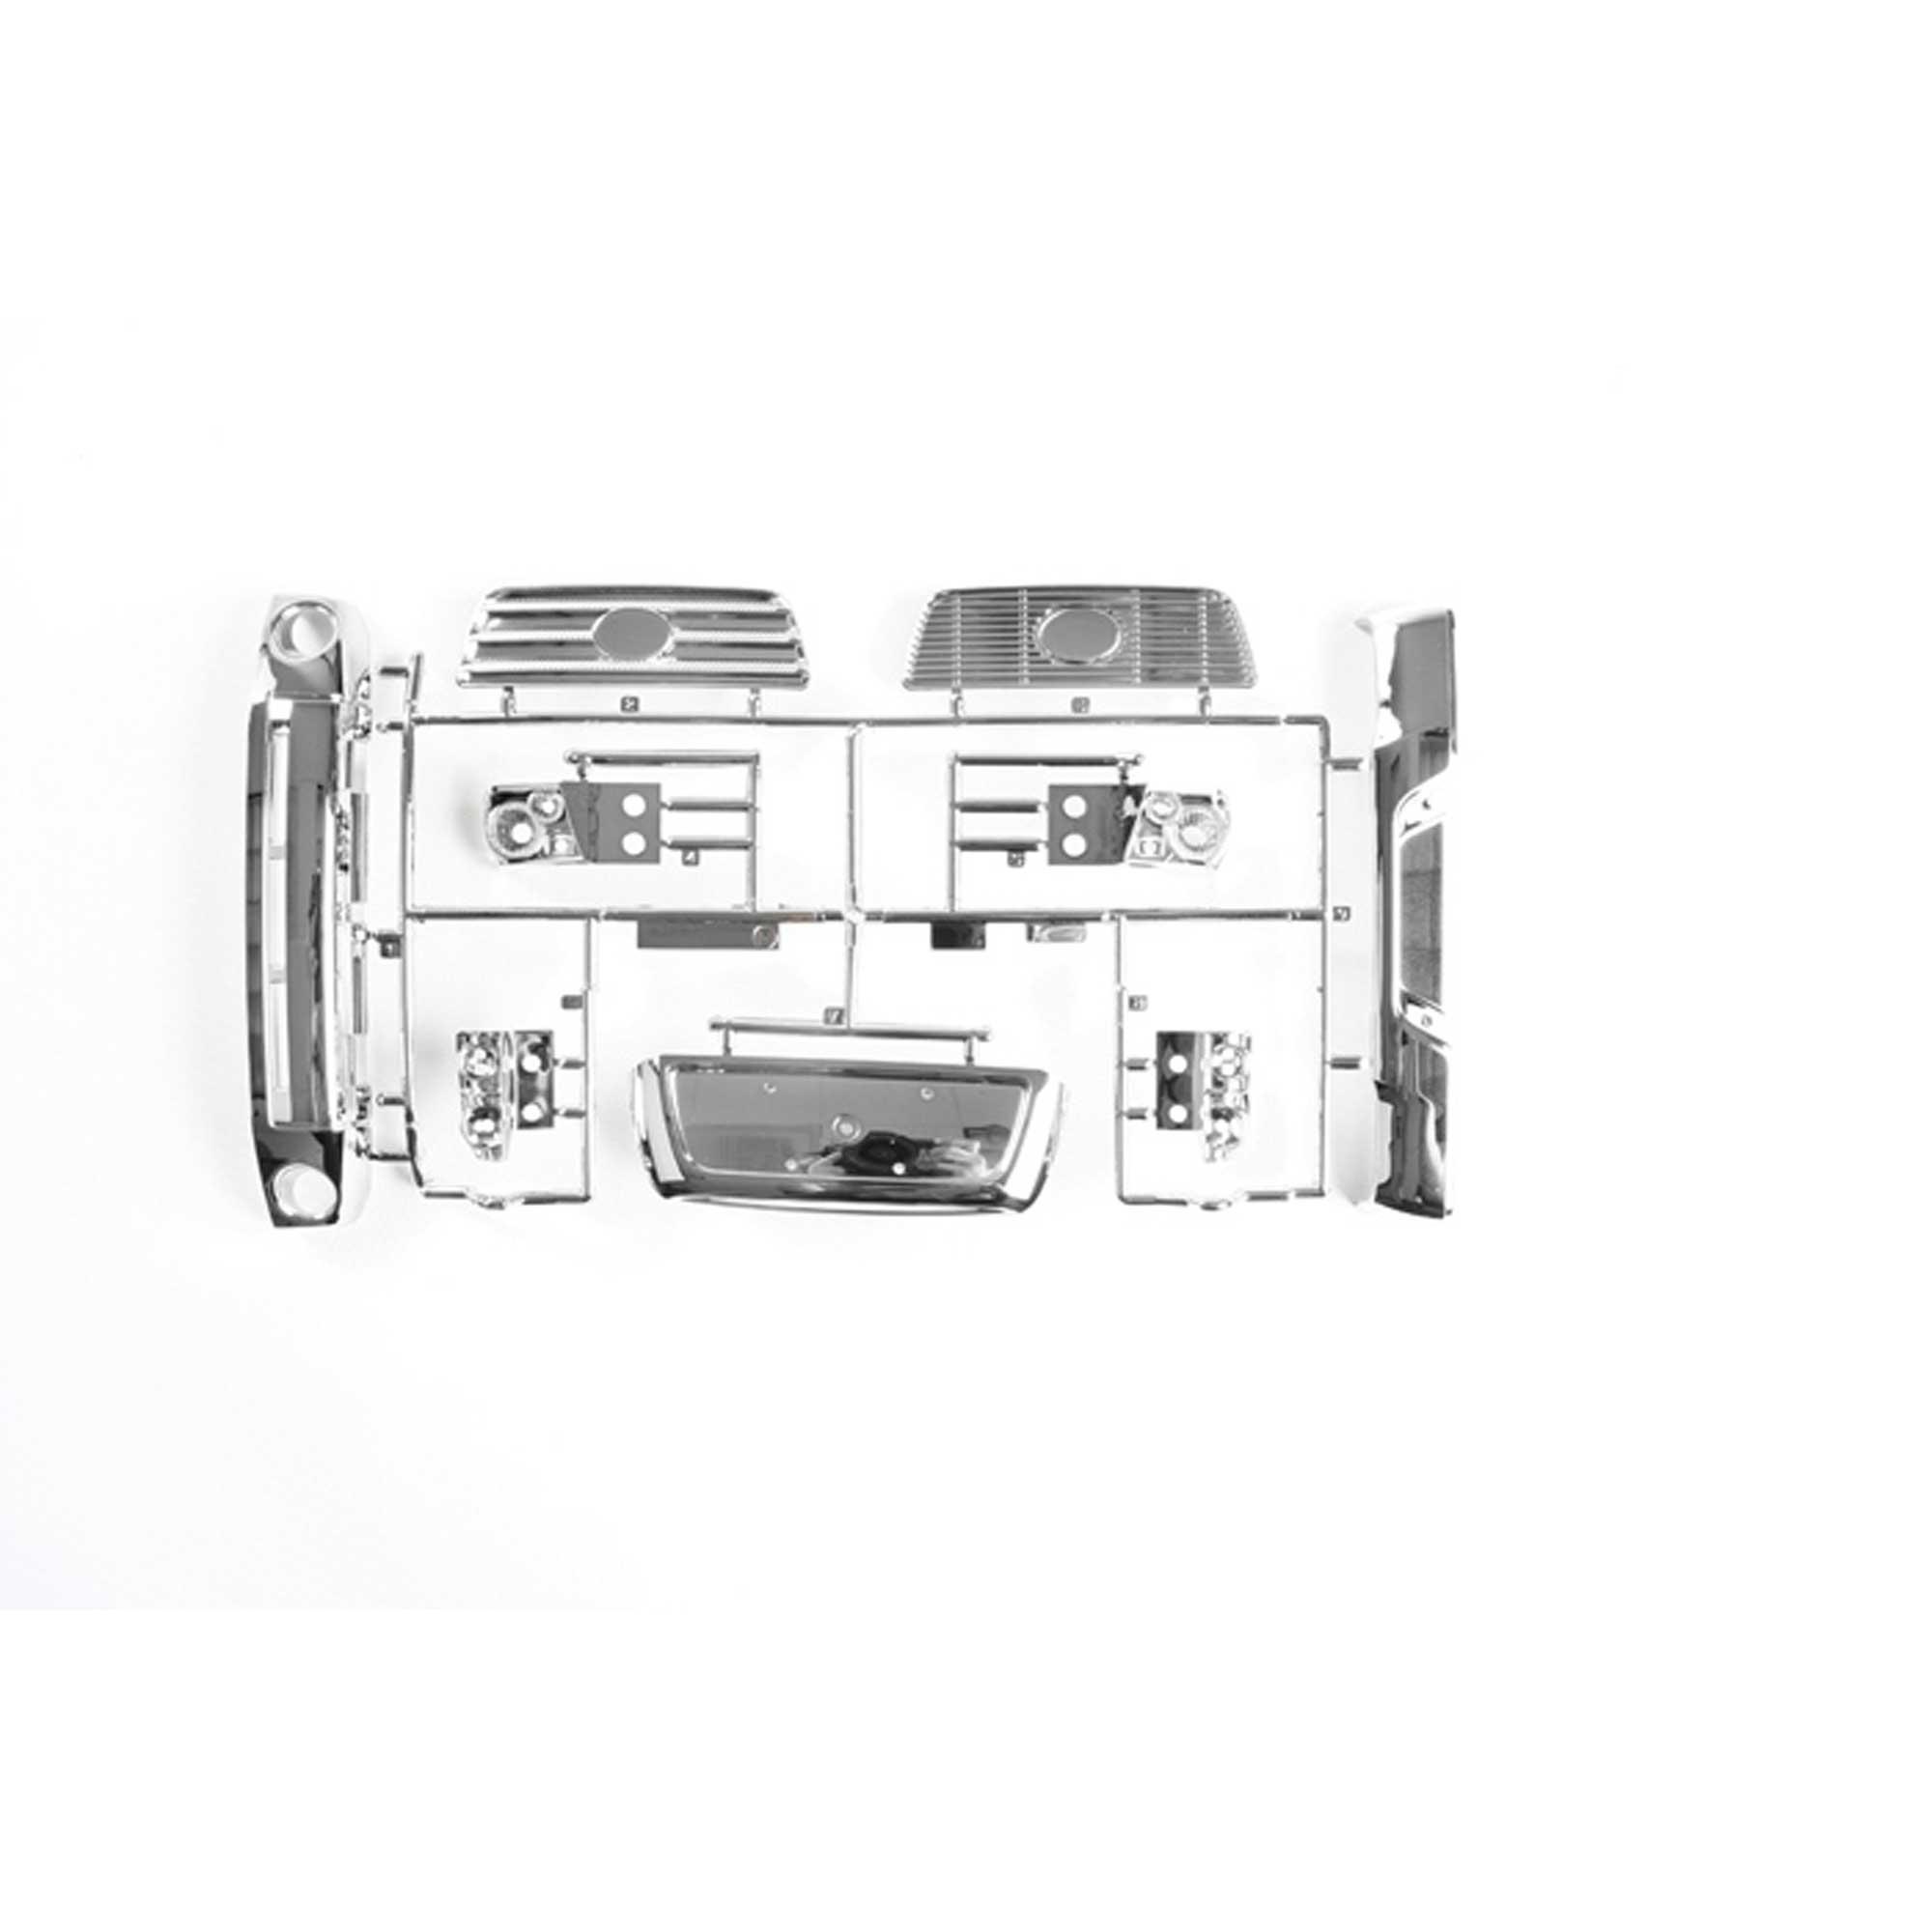 Tamiya Q Parts High-Lift Toyota Tundra High Lift TAM9115234